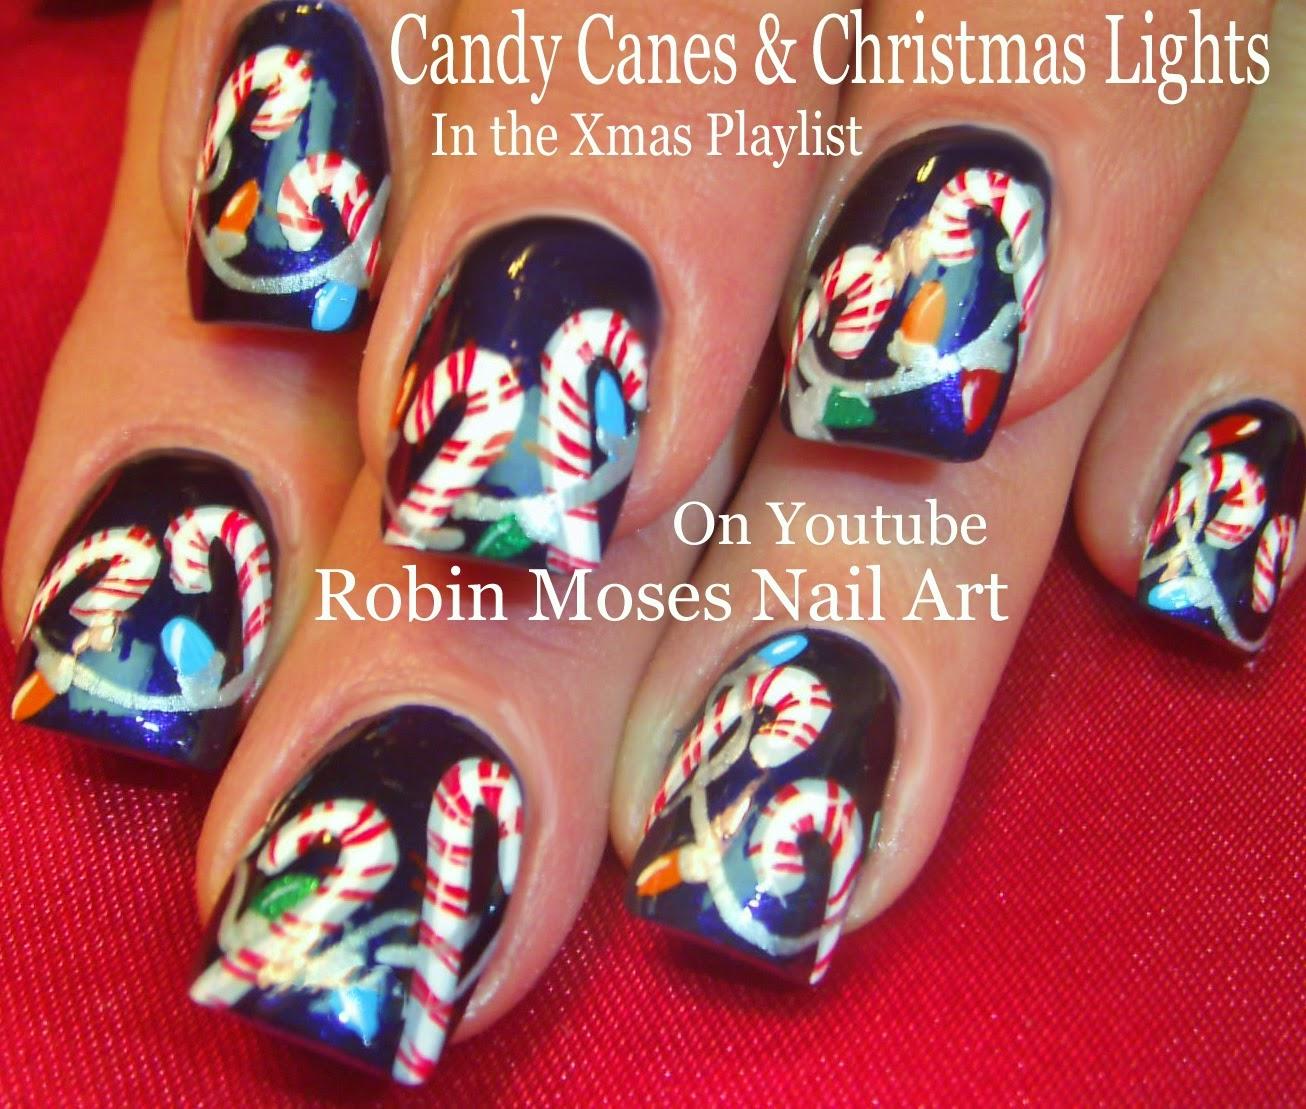 Nail Art By Robin Moses Christmas Nail Art Xmas Nail Art Candy